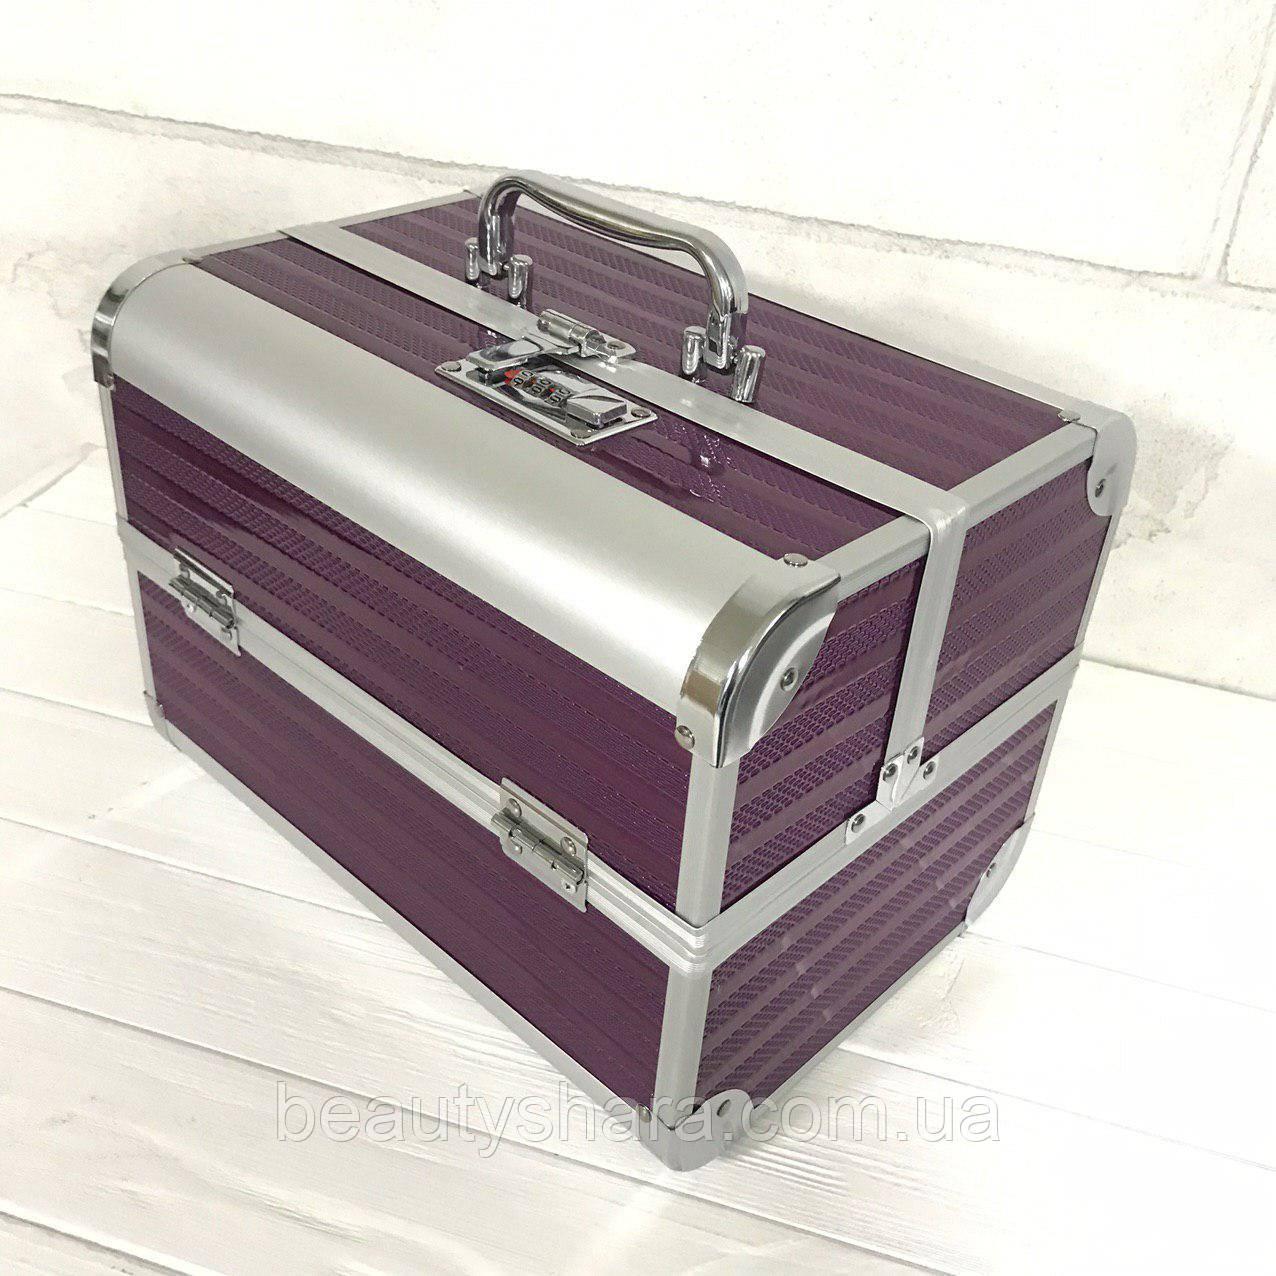 Кейс для косметики на кодовом замке Starlet (фиолетовый)